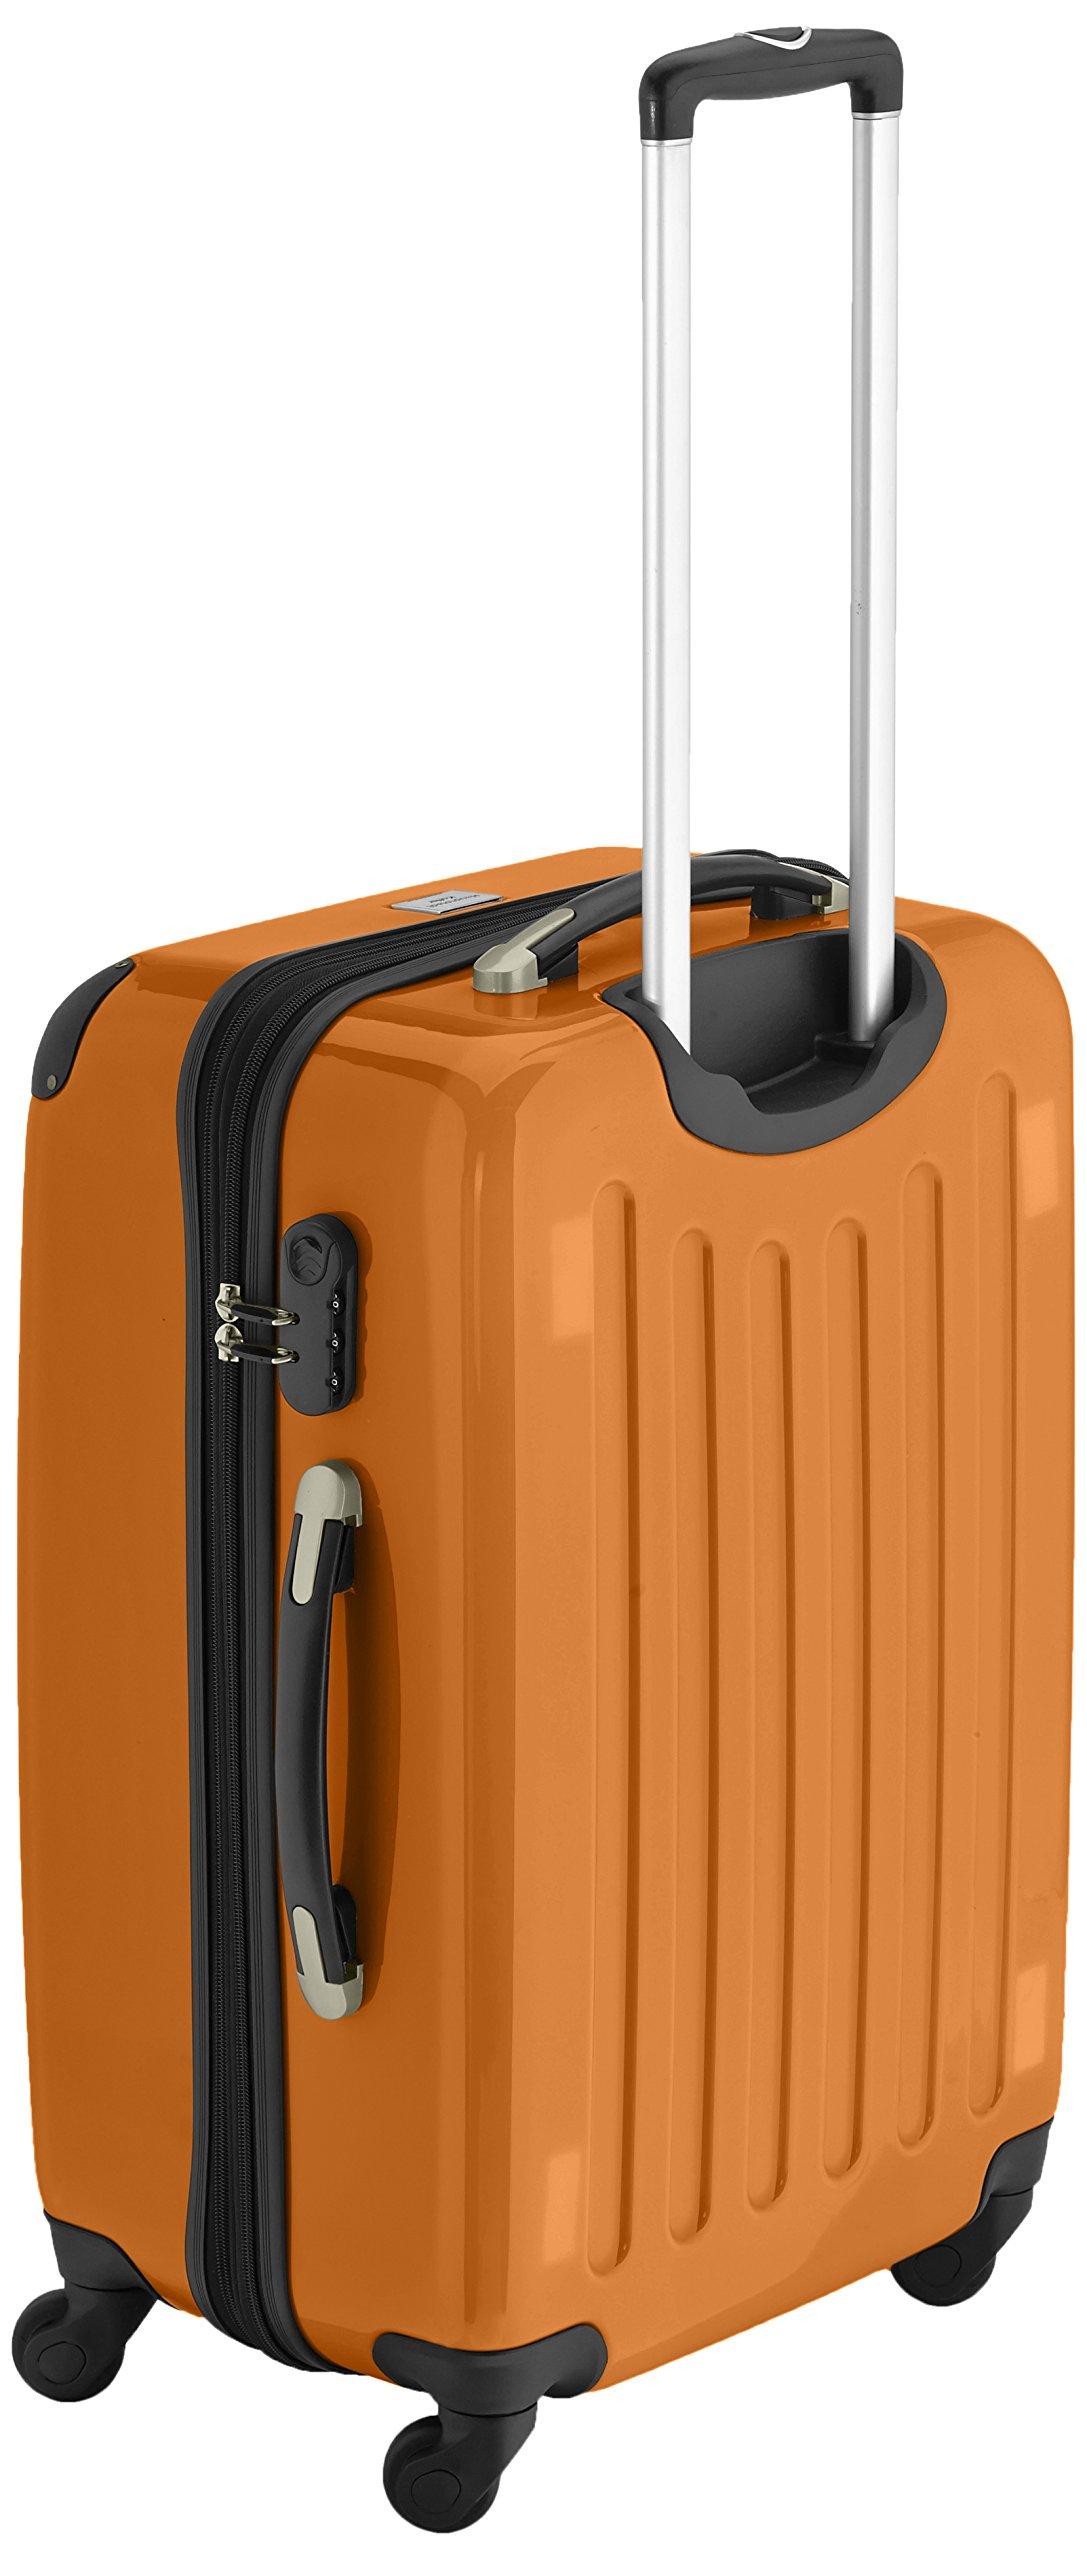 HAUPTSTADTKOFFER-Alex-2er-Koffer-Set-Hartschale-glnzend-65-cm-55-cm-74-Liter-42-Liter-Orange